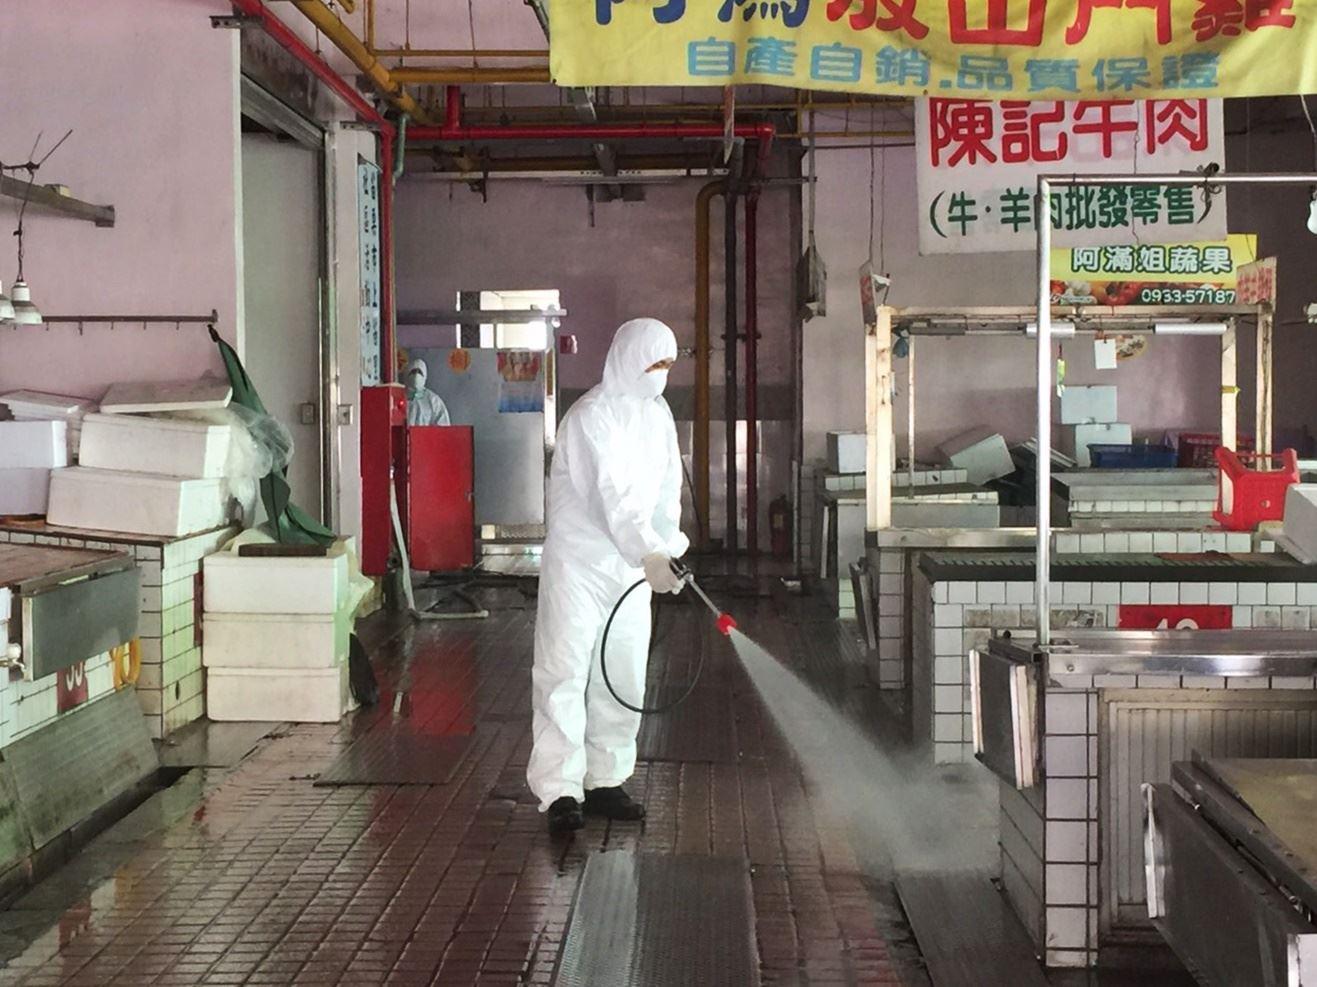 加強公共環境消毒工作,保障市民健康